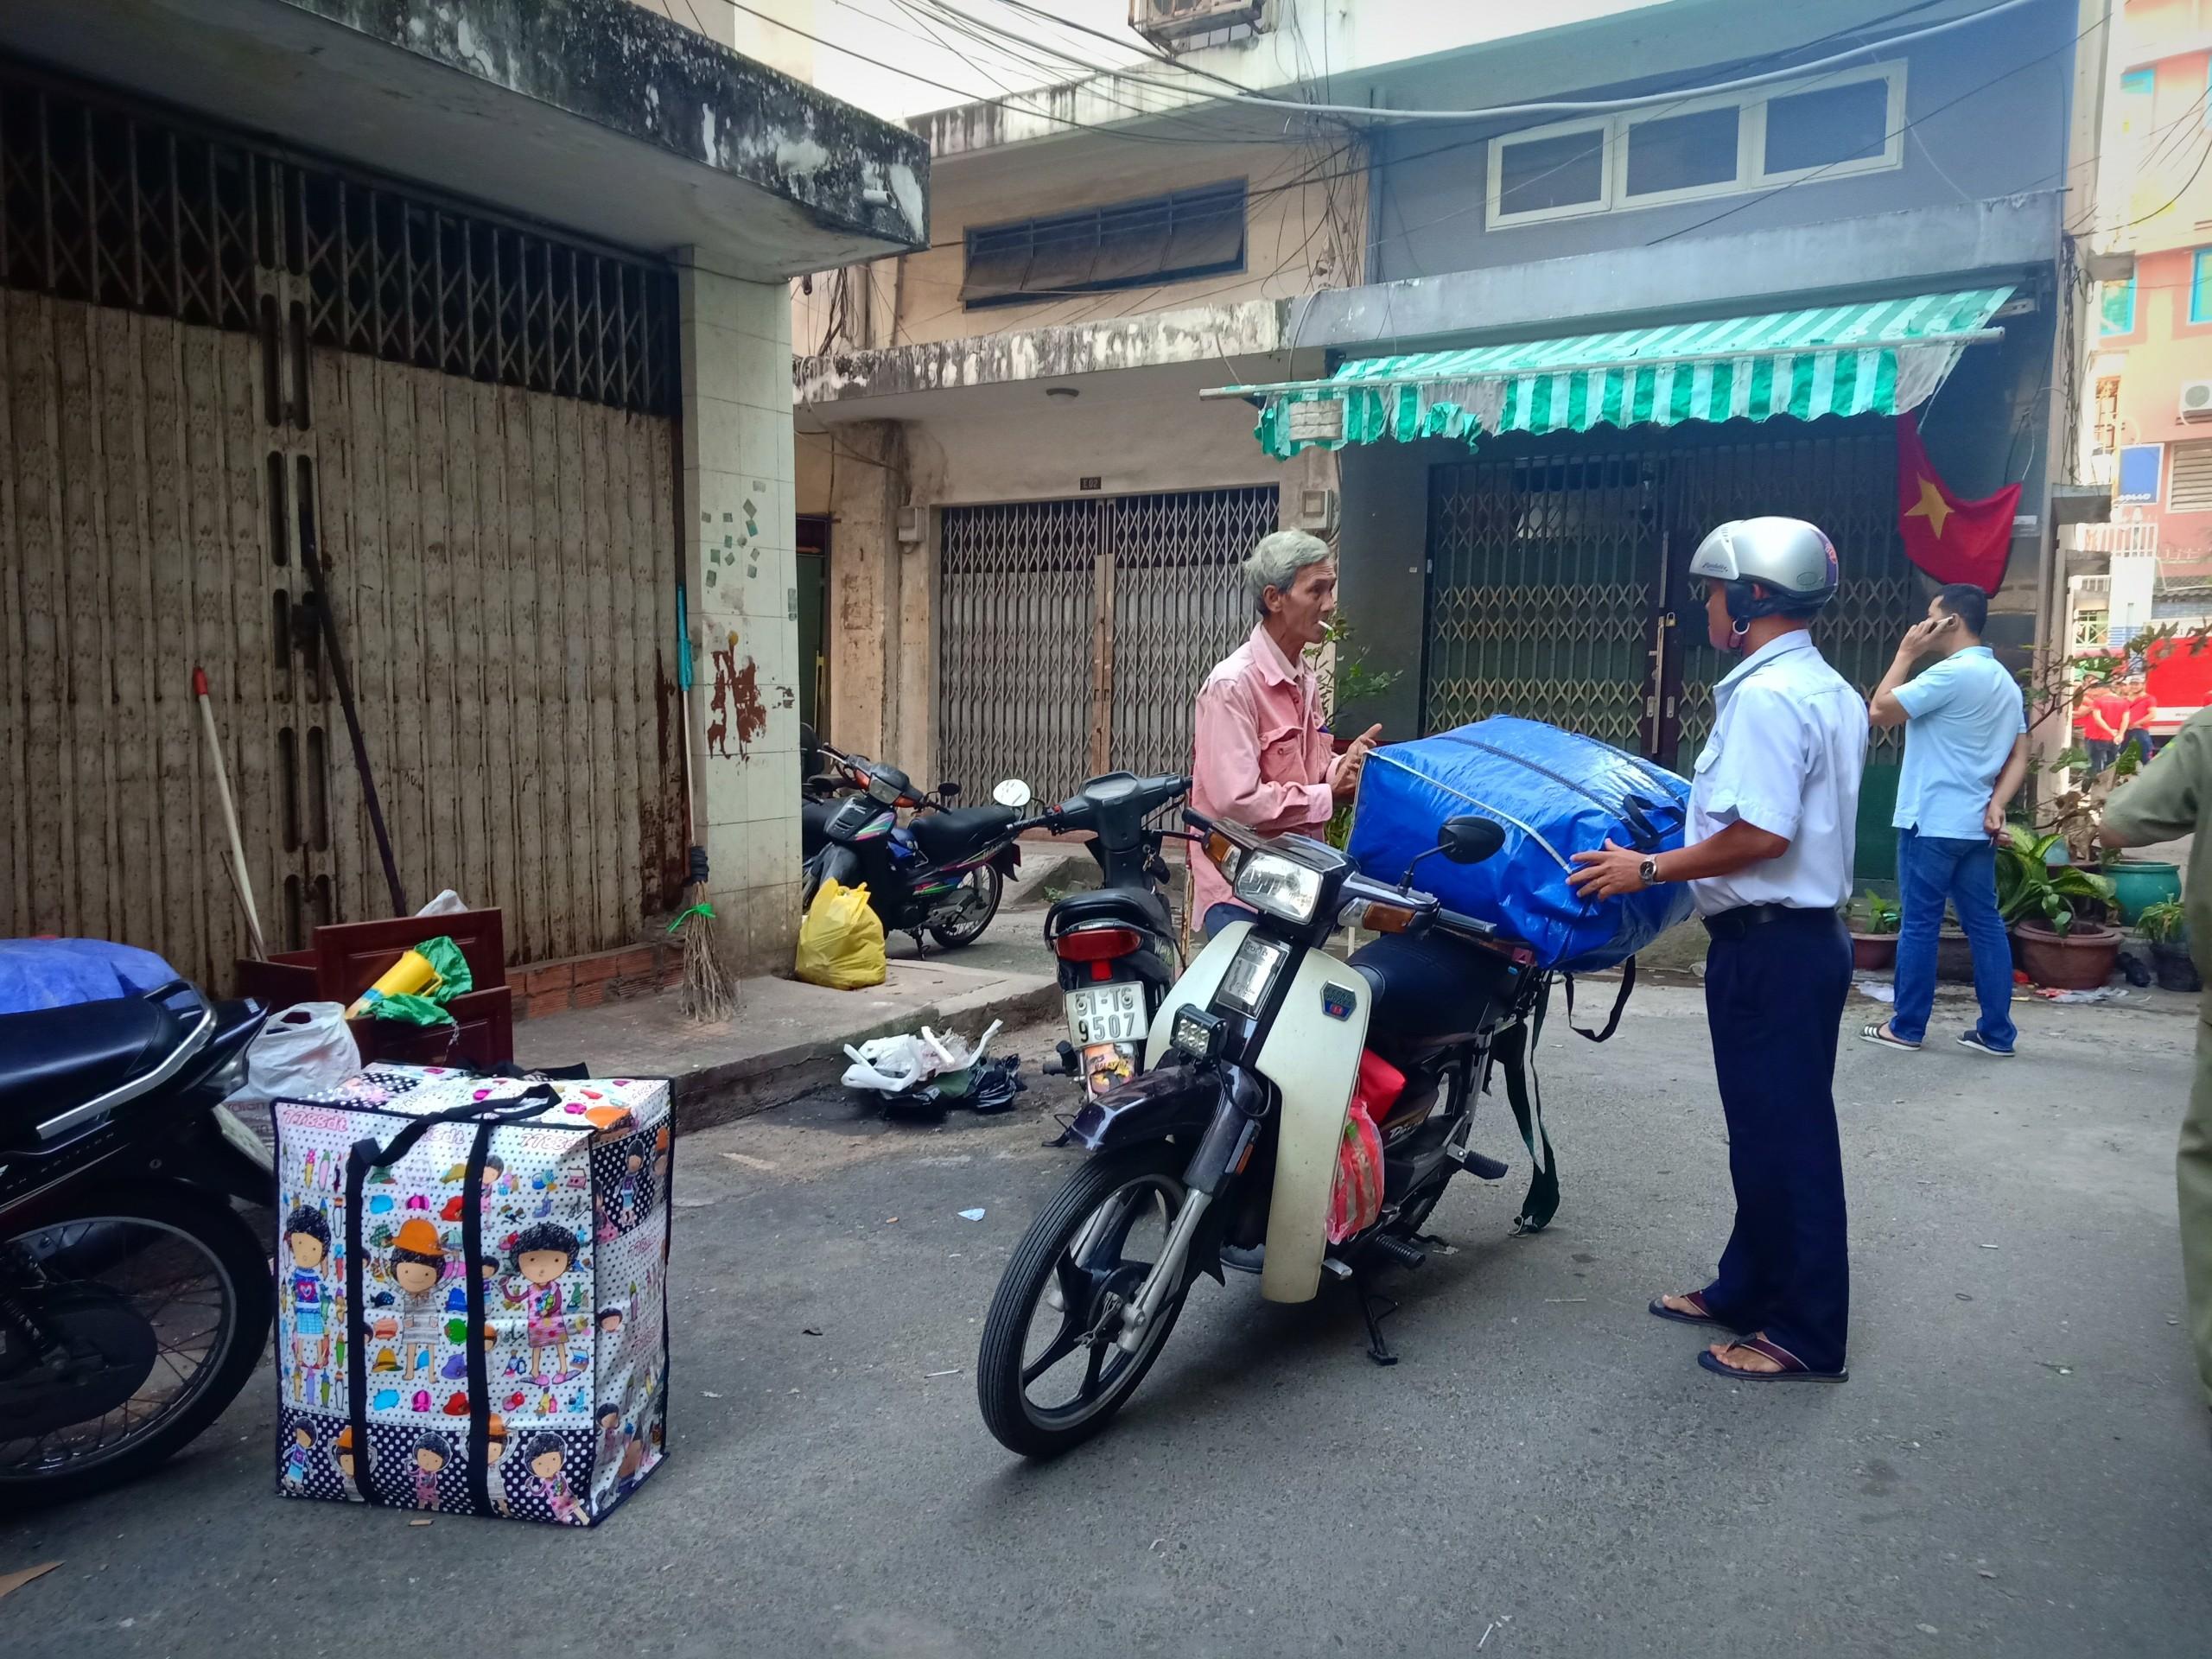 Chung cư 20 năm tuổi ở Sài Gòn nghiêng 45 cm, phải di dời dân khẩn cấp